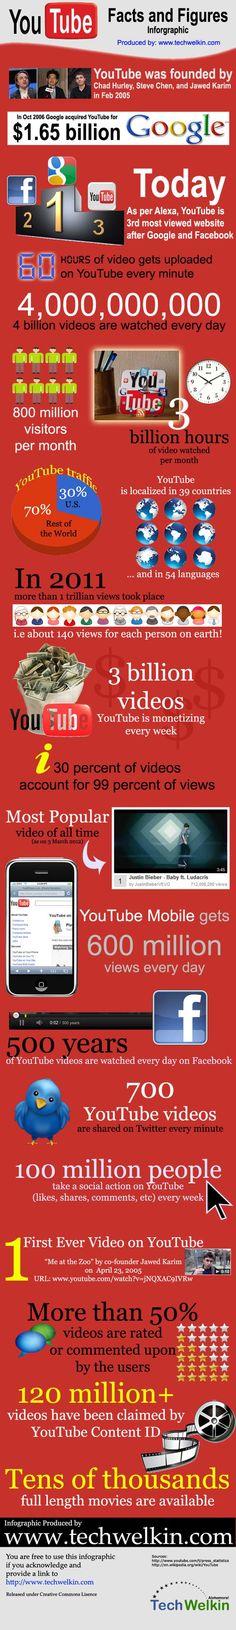 Las impresionantes cifras de YouTube en una infografía http://bit.ly/xAzNNA